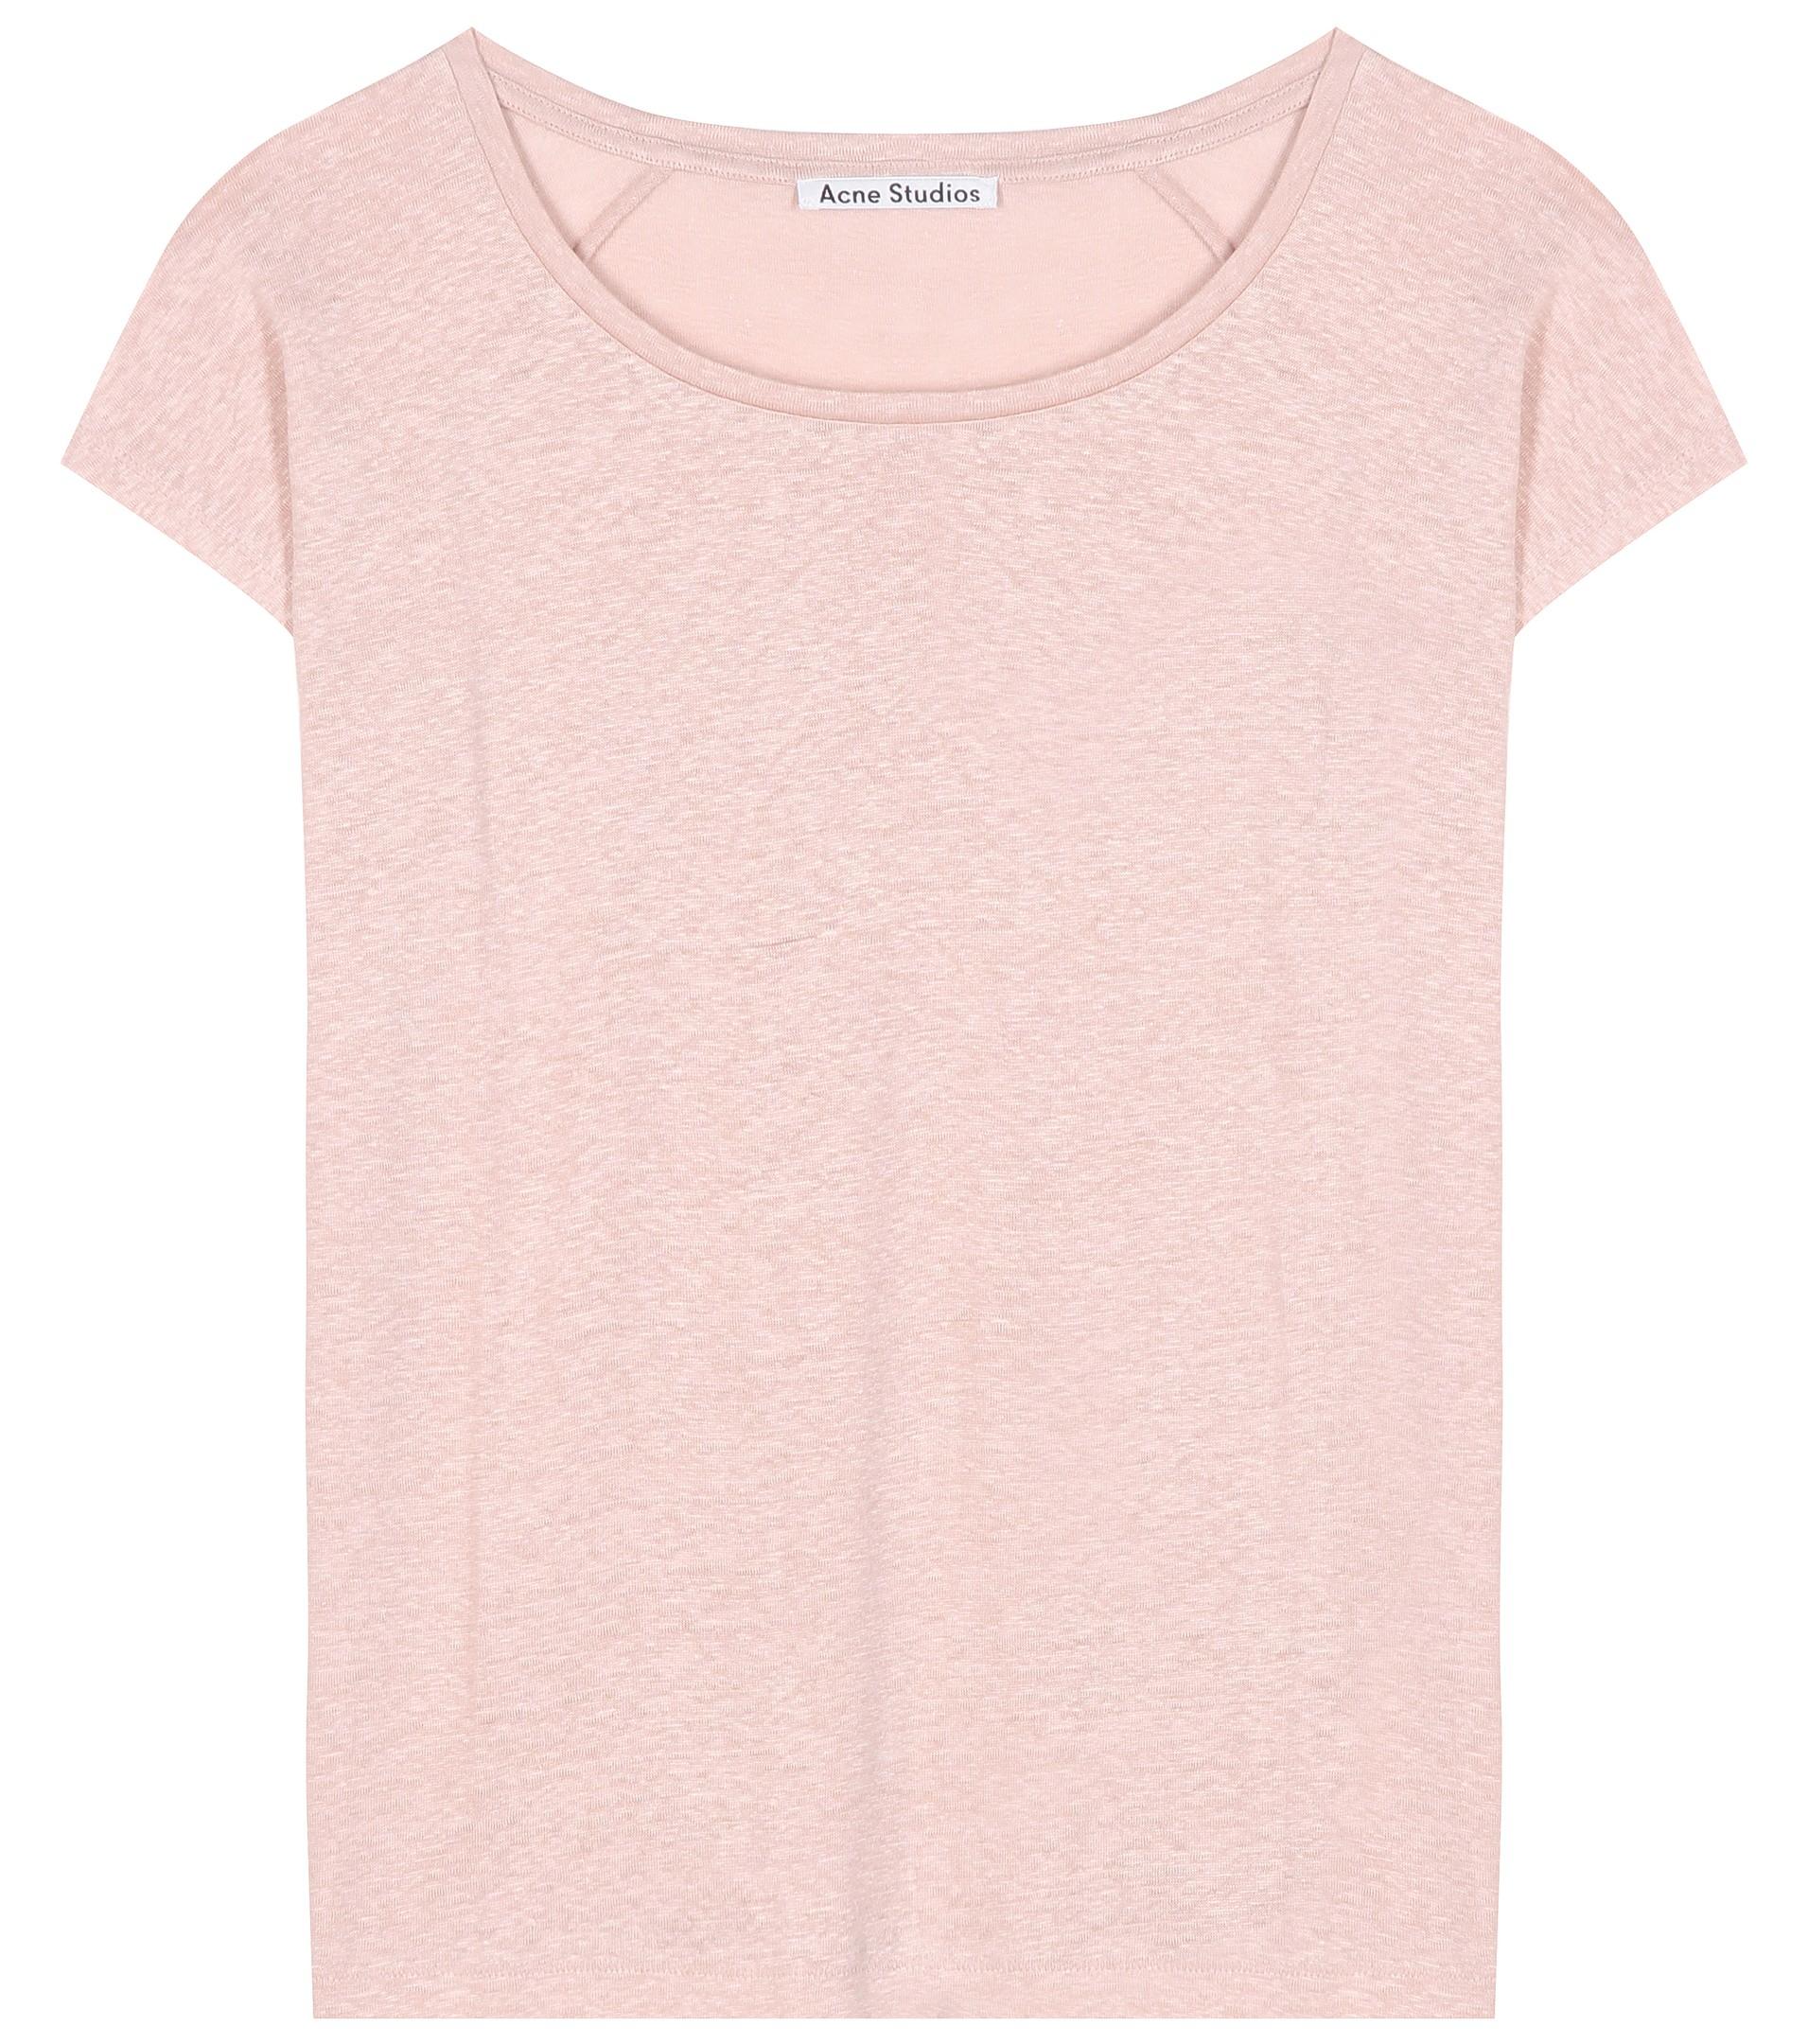 Powder Pink Shirt | Artee Shirt